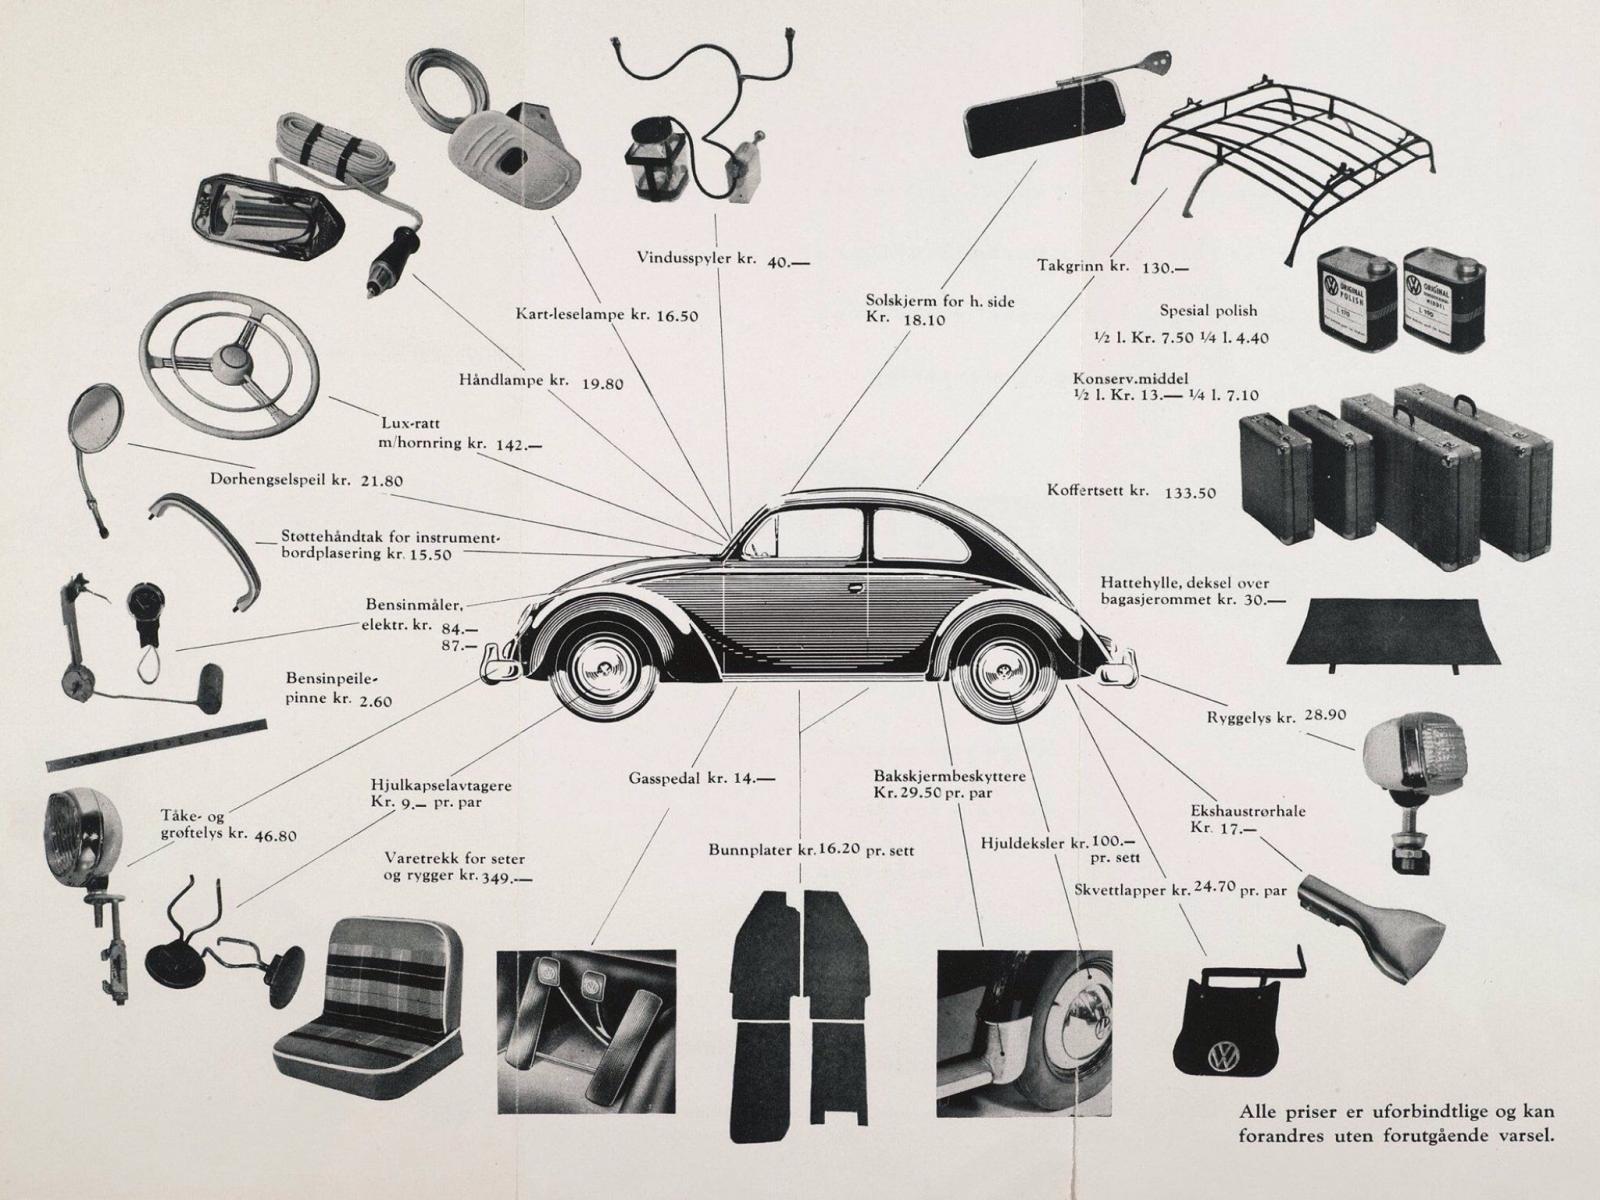 Rare accessories